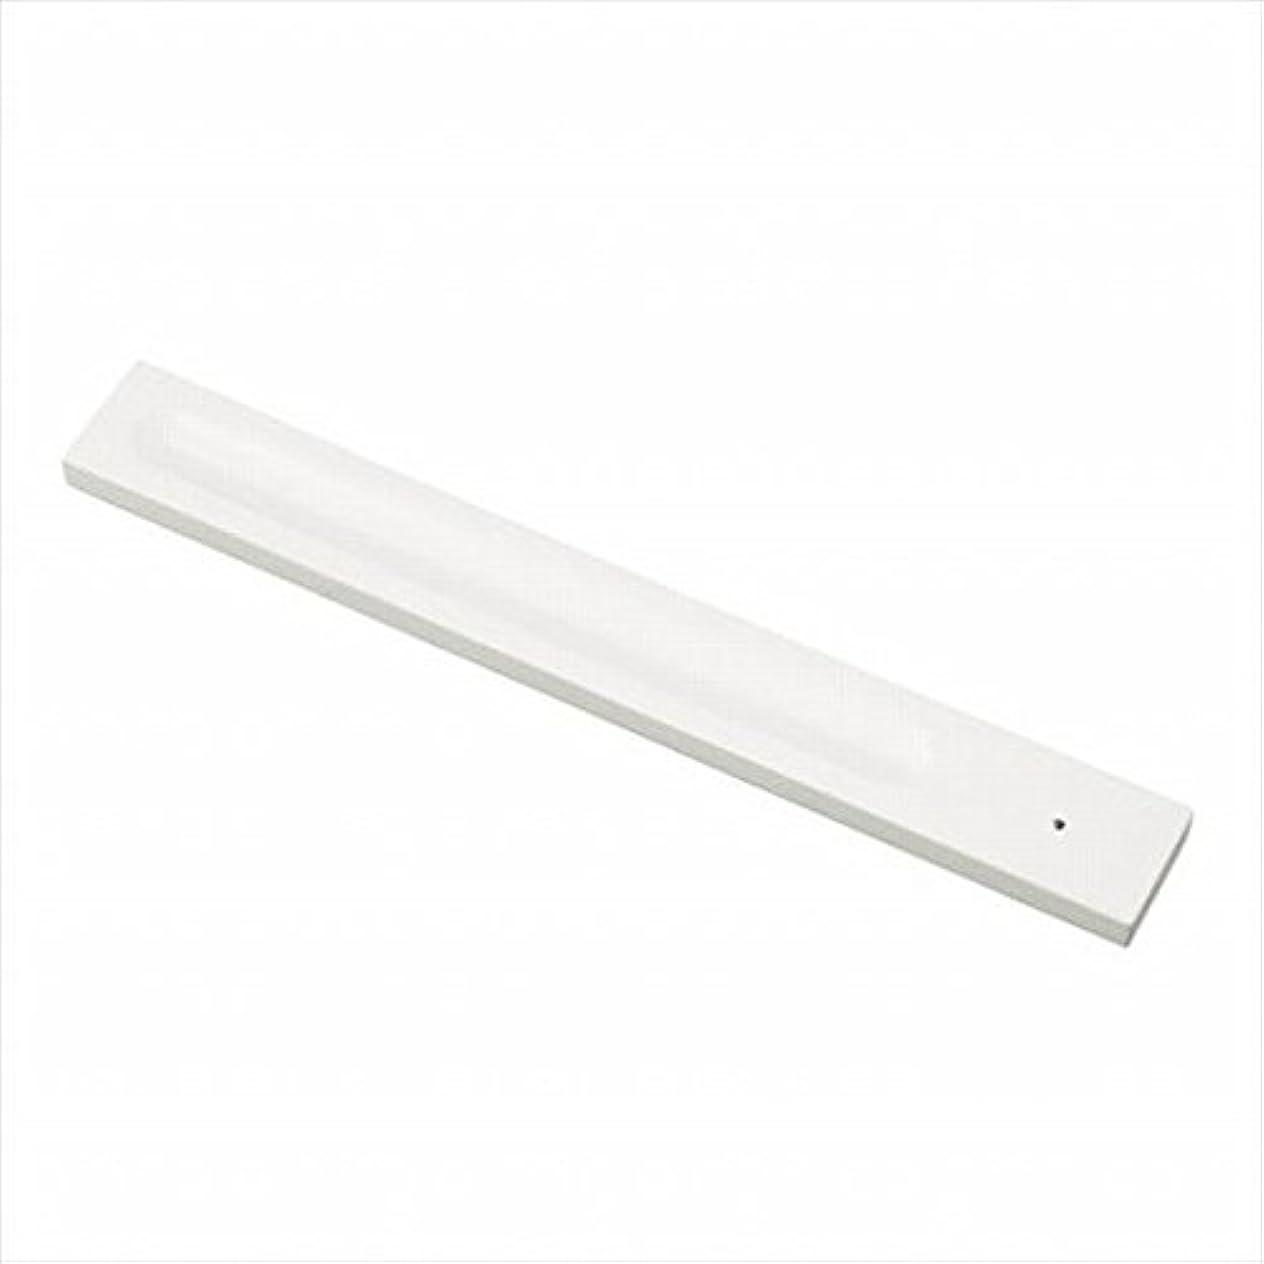 達成する重さ軽蔑するkameyama candle(カメヤマキャンドル) バンブーインセンス用ホルダースクエア 「 ホワイト 」 キャンドル 30x246x9mm (E3130000W)